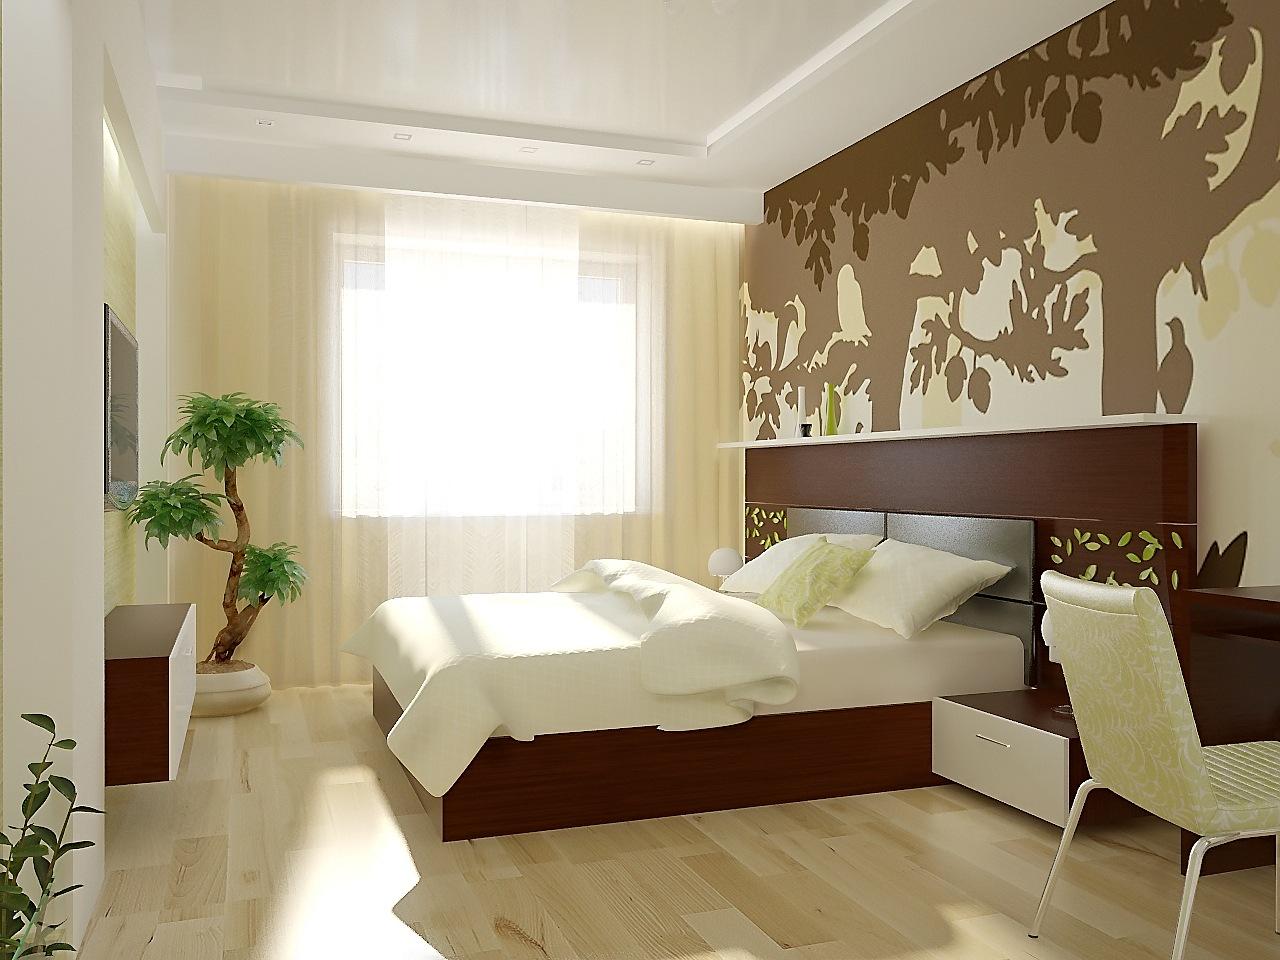 Дизайн 3-комнатной квартиры фото